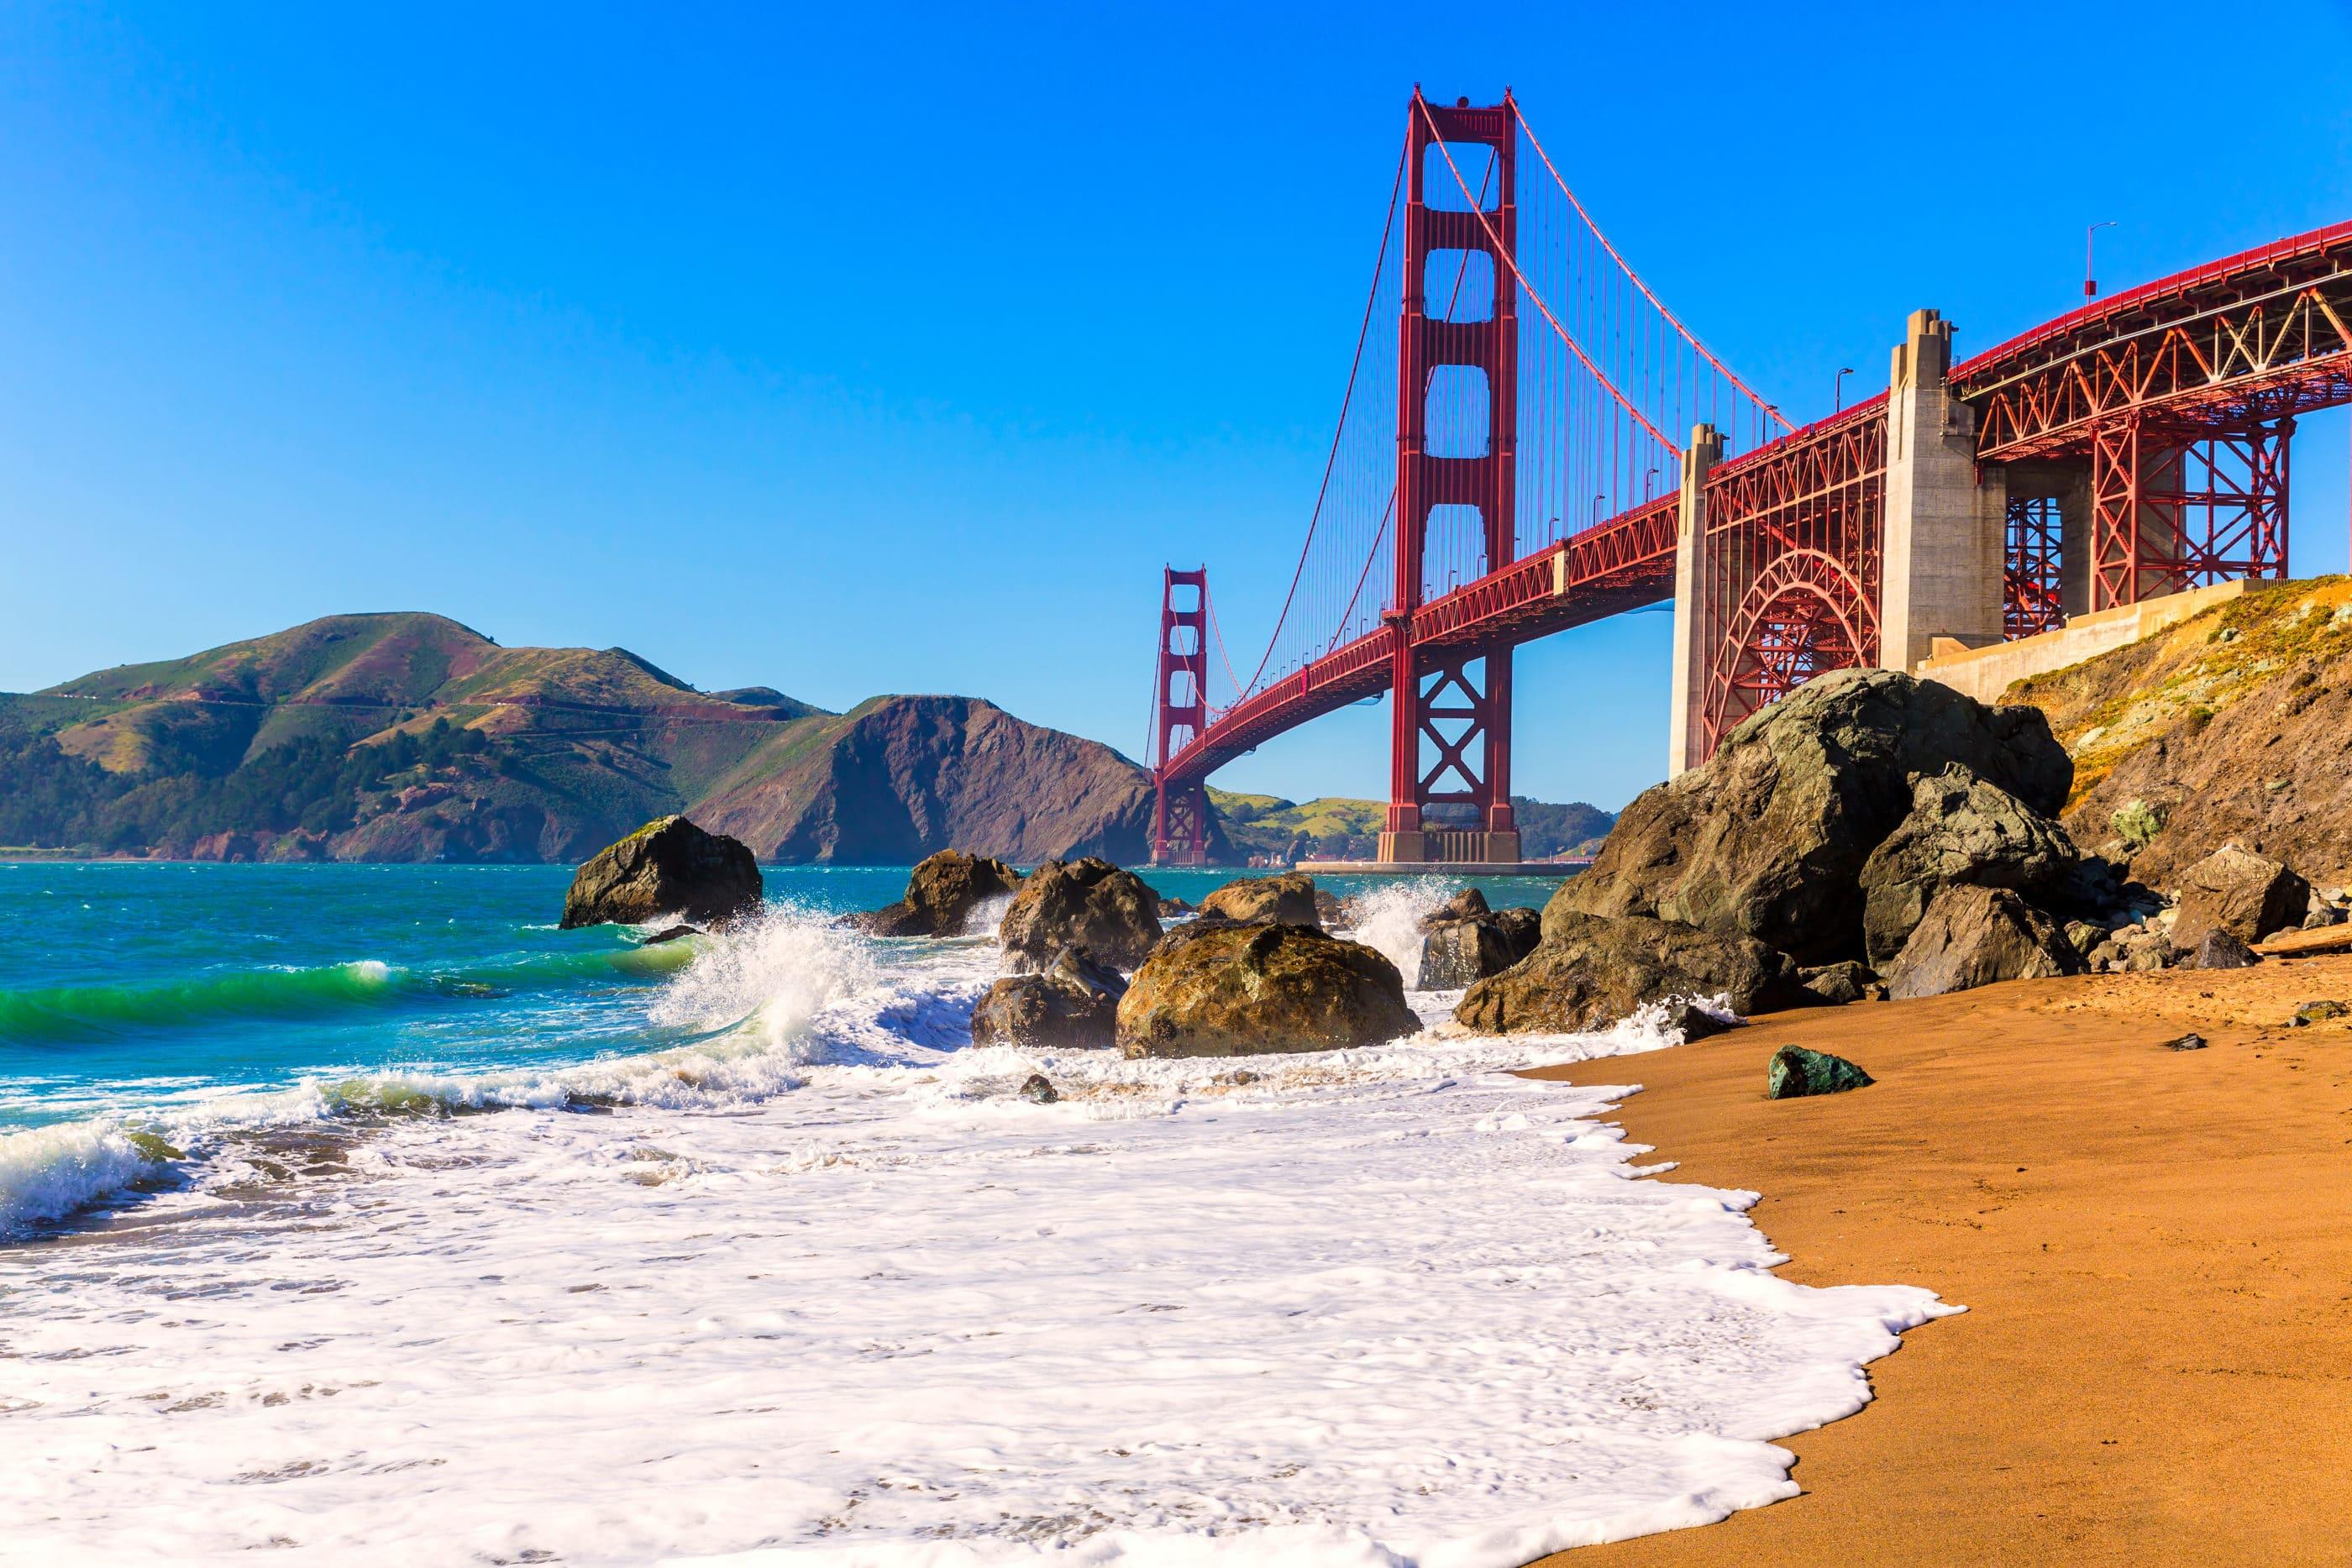 San Francisco Beaches: Marshall's Beach